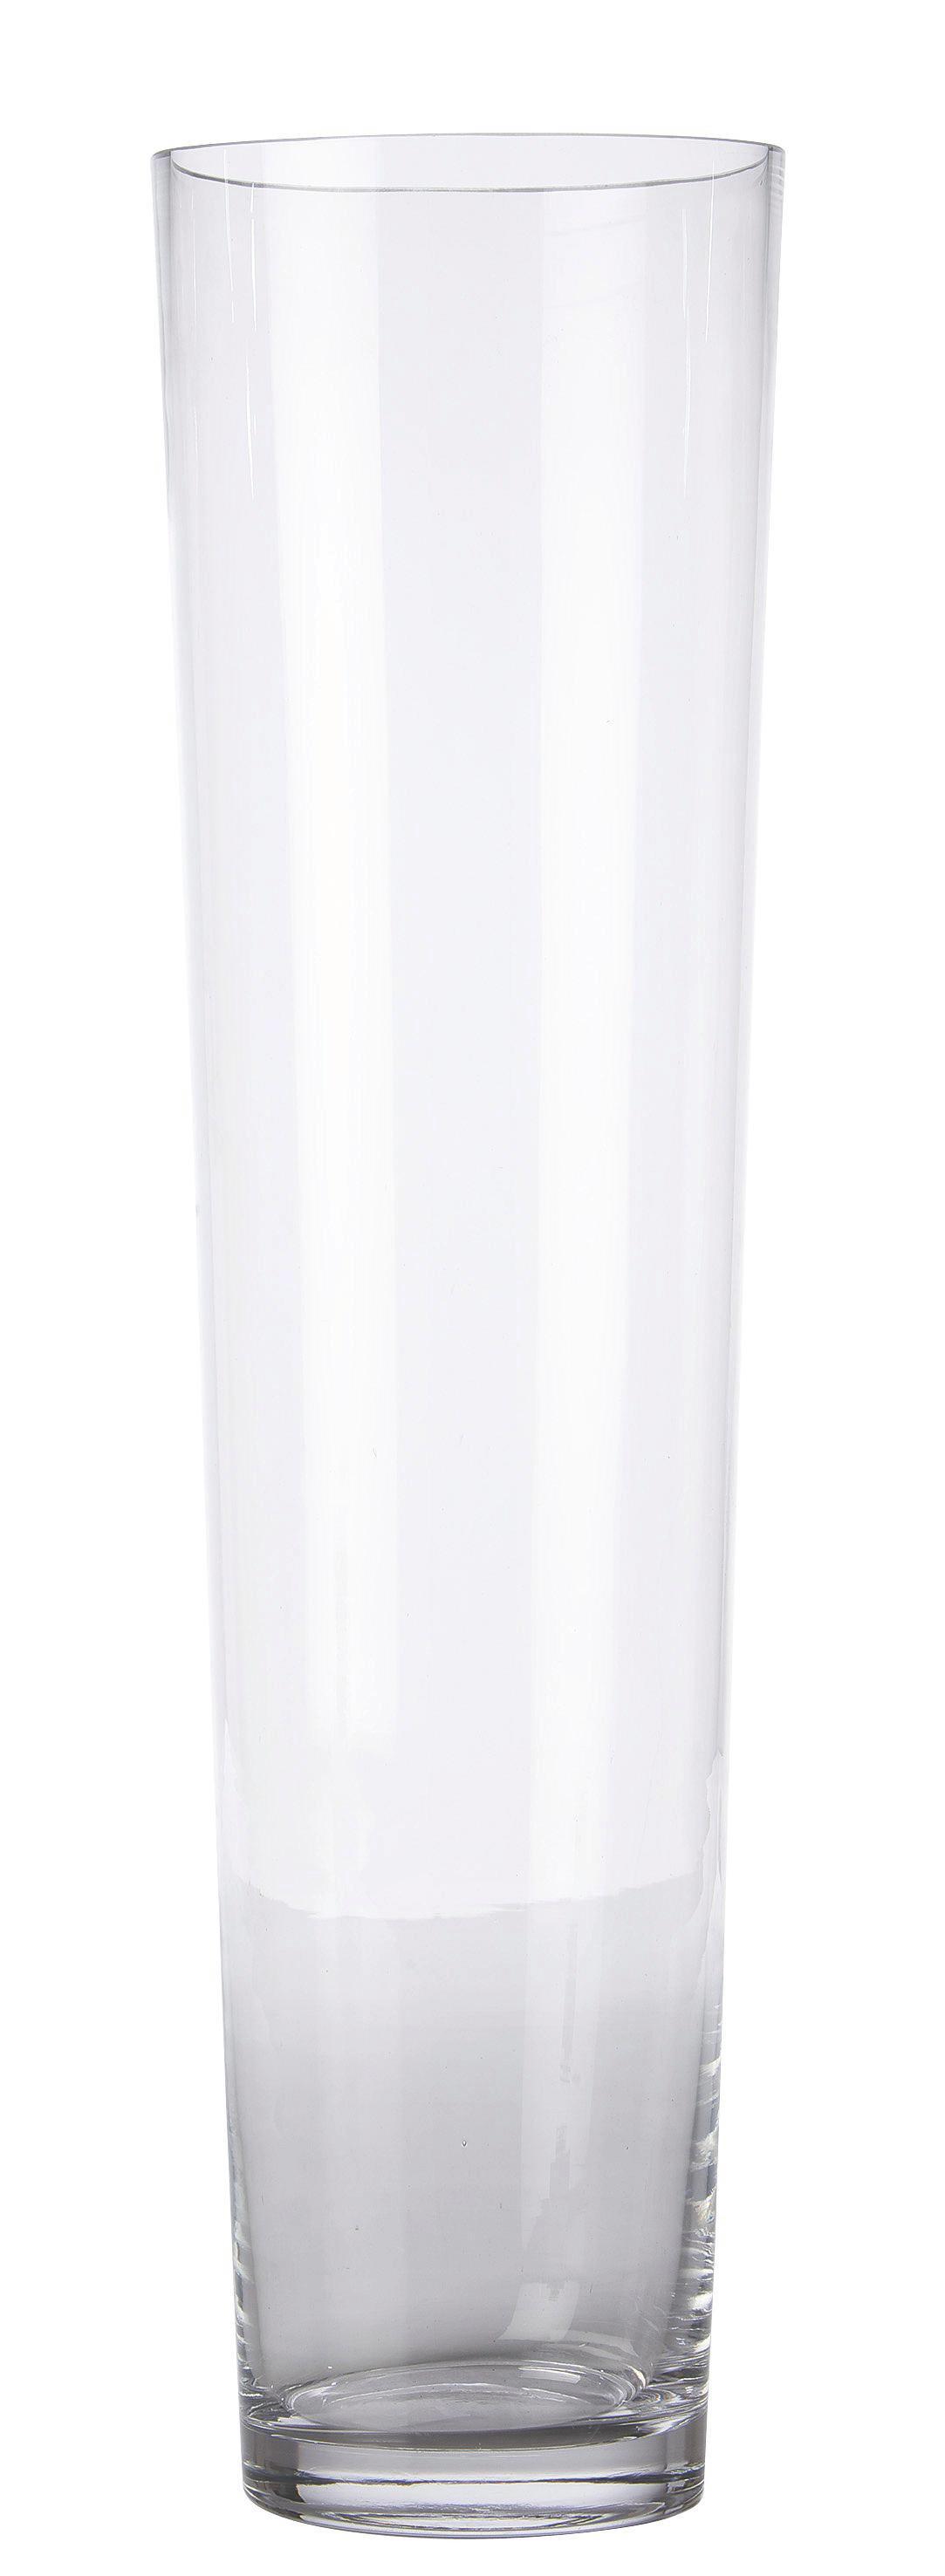 Váza Andrea - tiszta, modern, üveg (19/70cm) - MÖMAX modern living